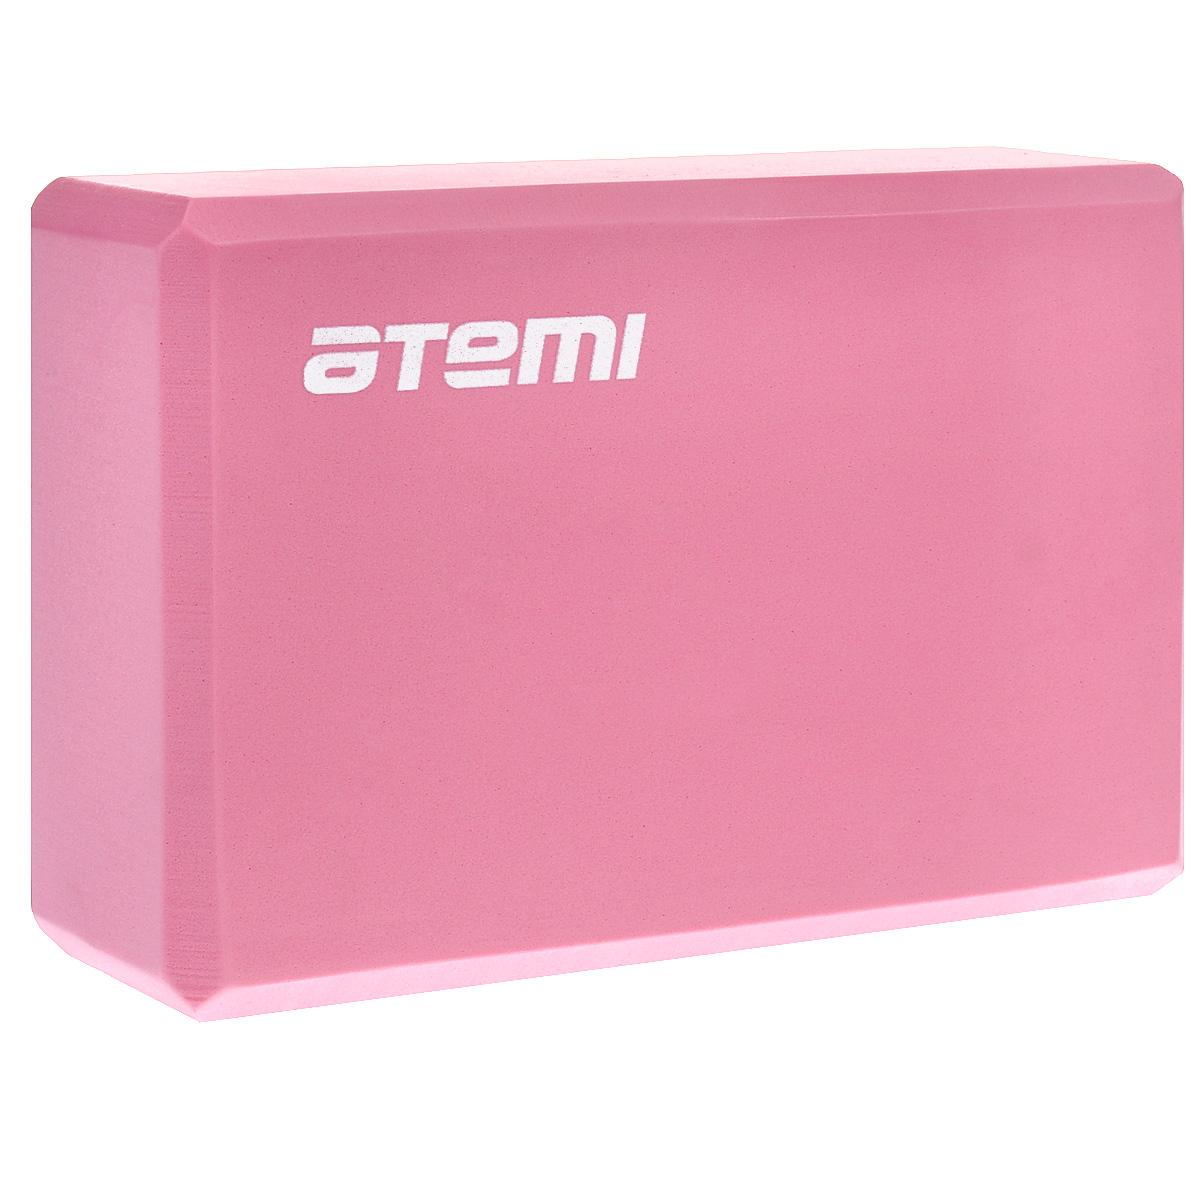 Блок для йоги Atemi, цвет: розовый, 23 х 15 х 8 смWRA523700Блок для йоги Atemi рекомендуется как помощник при выполнении более сложных упражнений, требующих максимальной гибкости и сноровки. При использовании блока быстрее, постепенно и безболезненно достигается гибкость. Укрепляет и разрабатывает мышцы запястья.